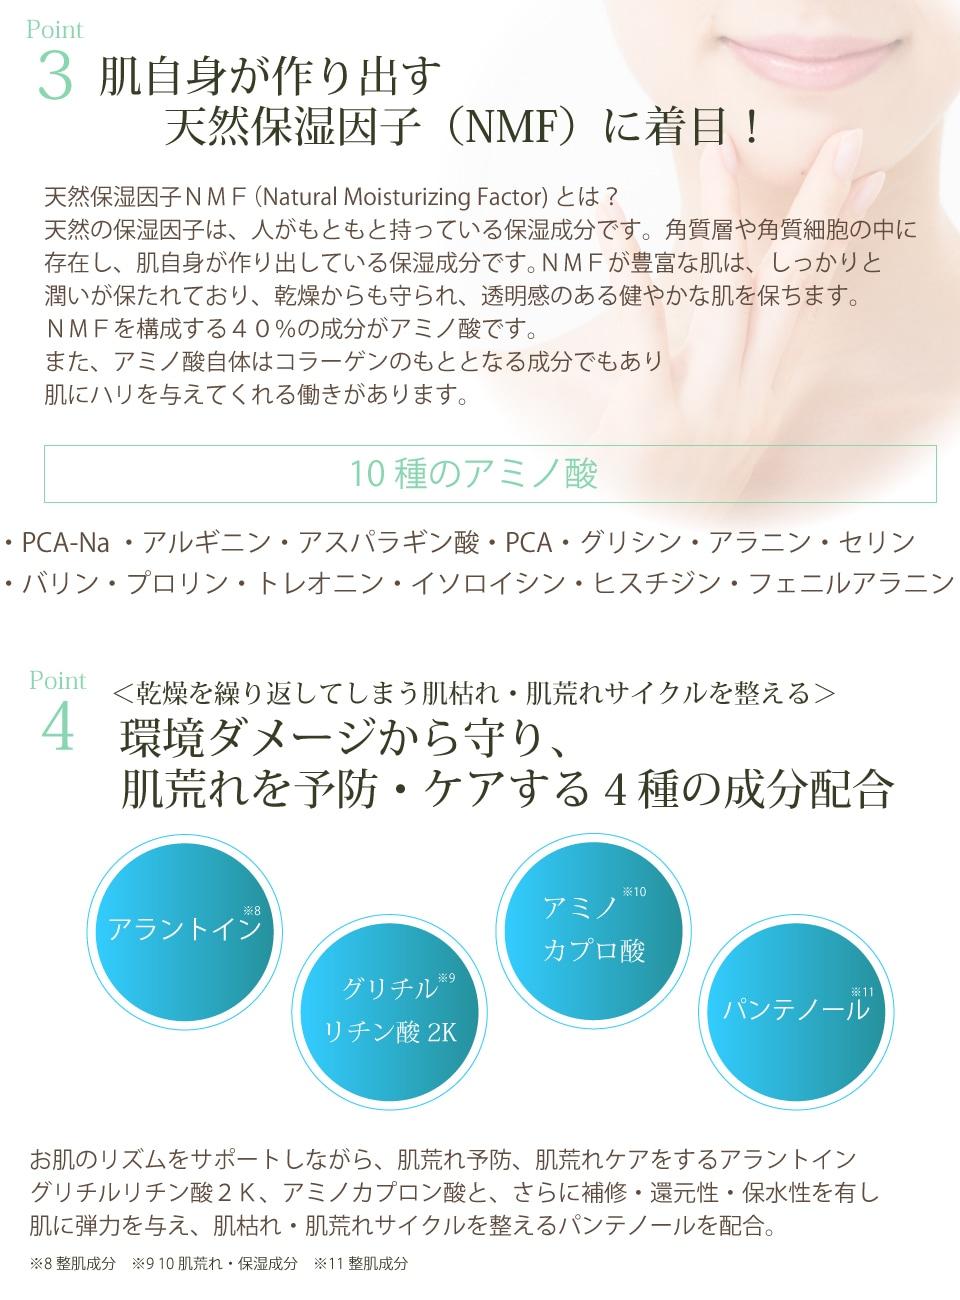 無添加オールインワンゲルを選ぶなら、界面活性剤・合成ポリマー不使用 オーリンワンゲル 萌芽